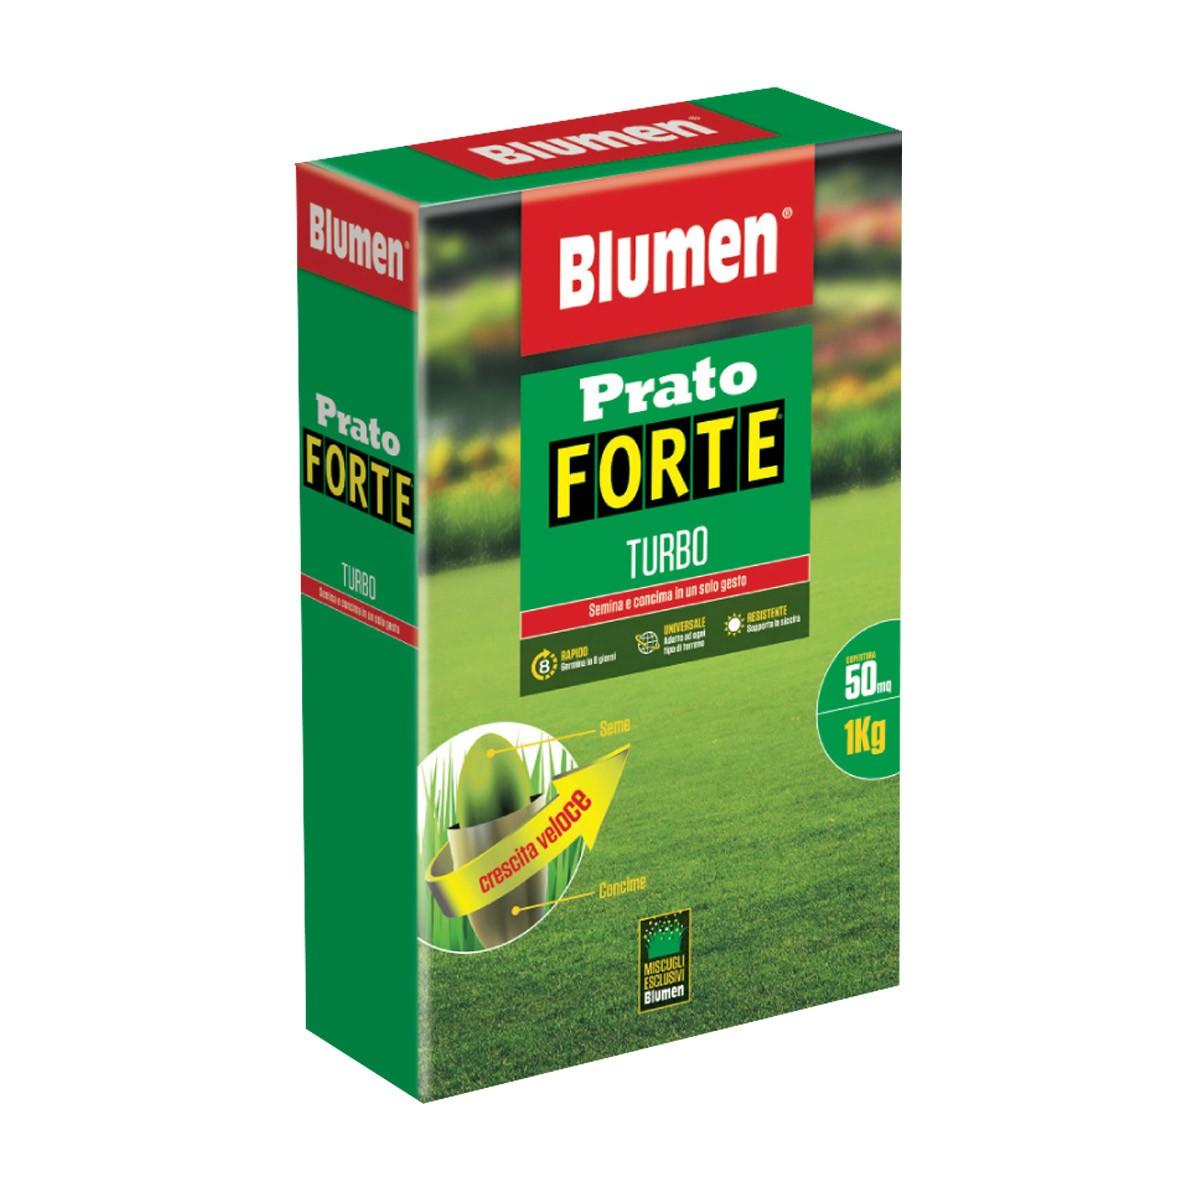 Prato Forte Turbo 1 Kg